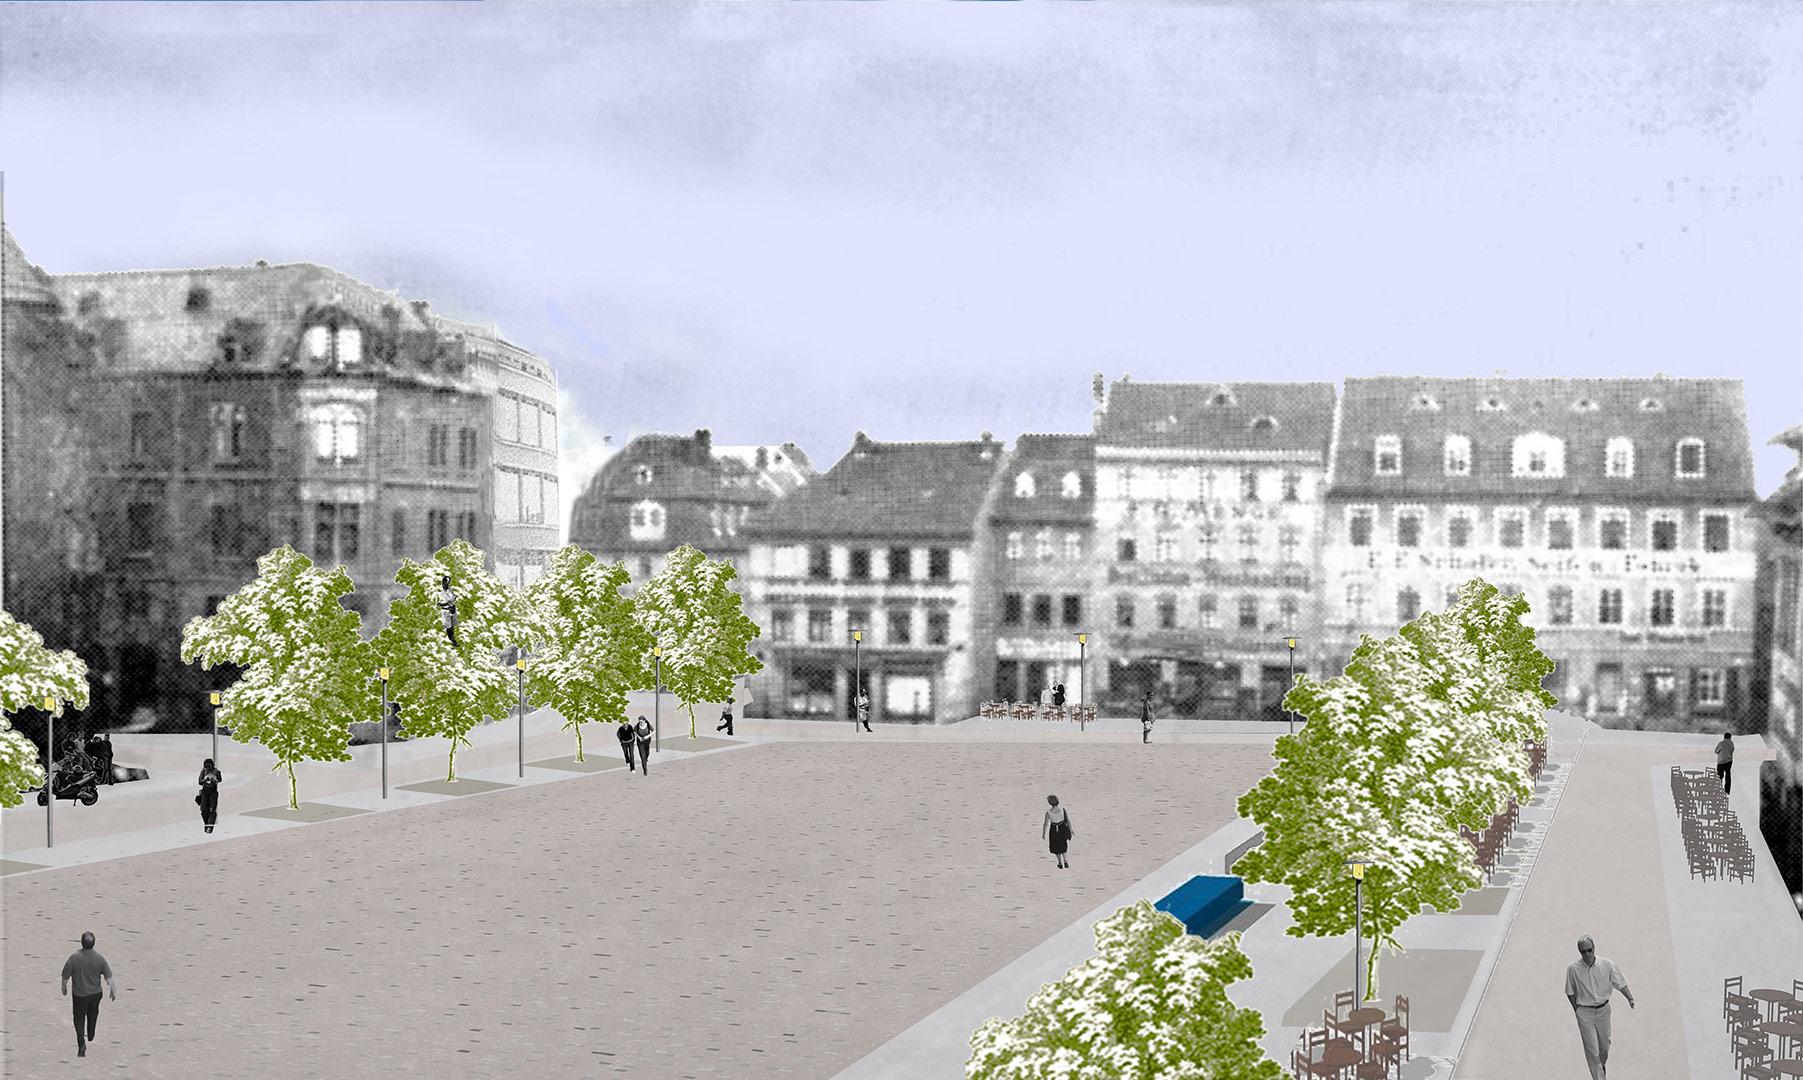 Marktplatz, Weissenfels | Sauerzapfe Architekten